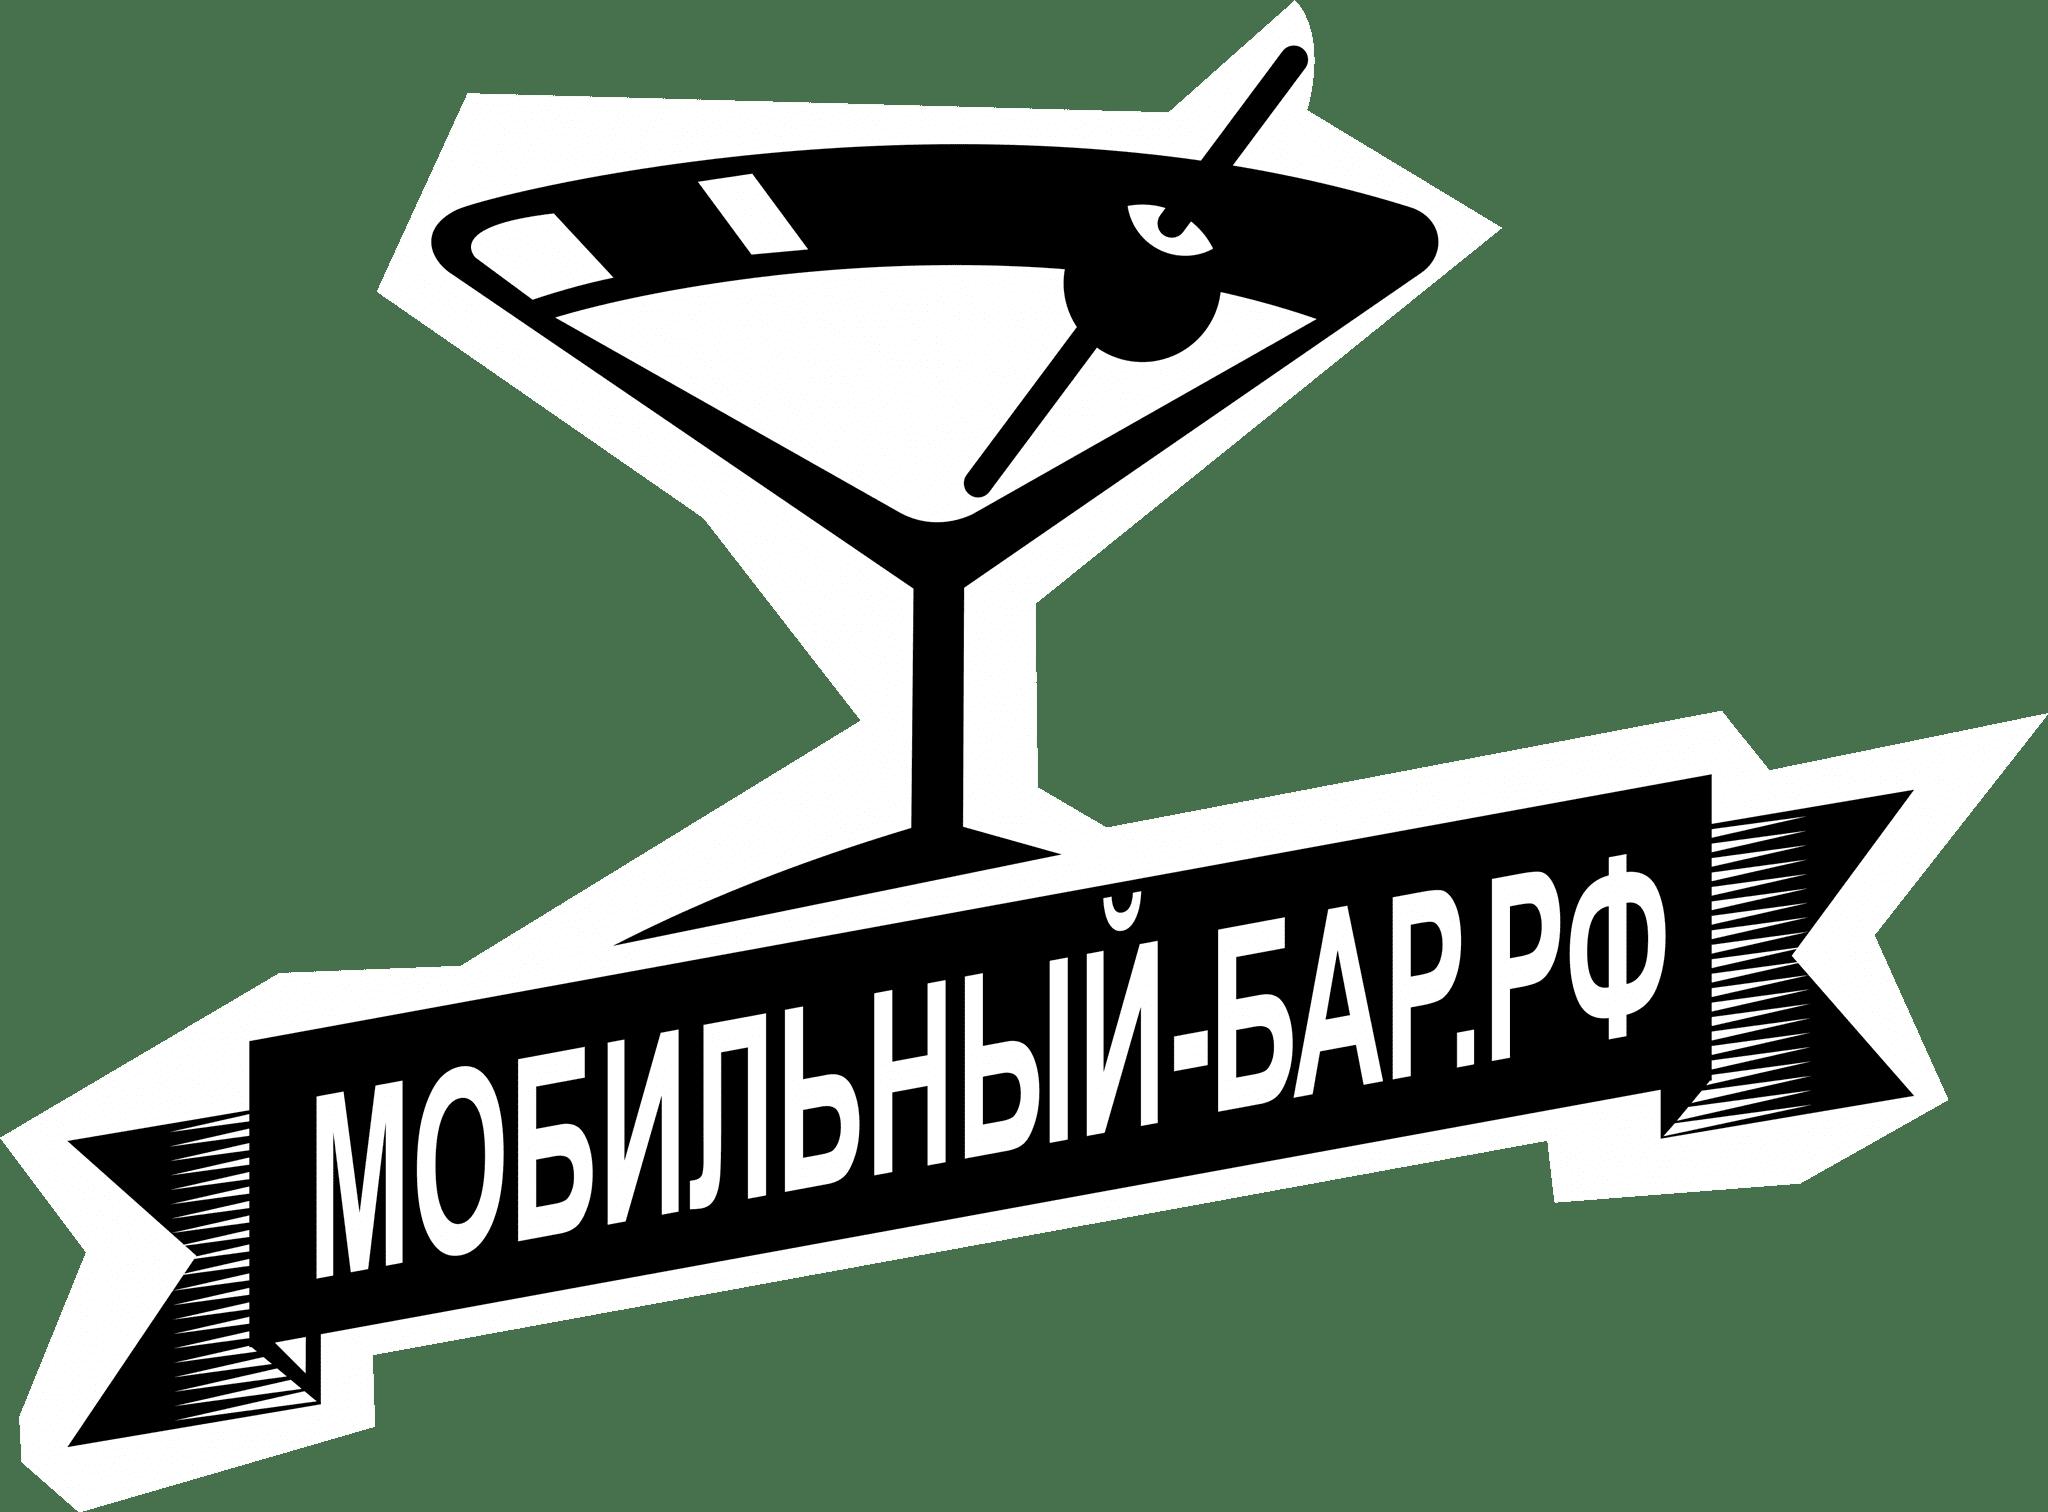 Мобильный-Бар.рф